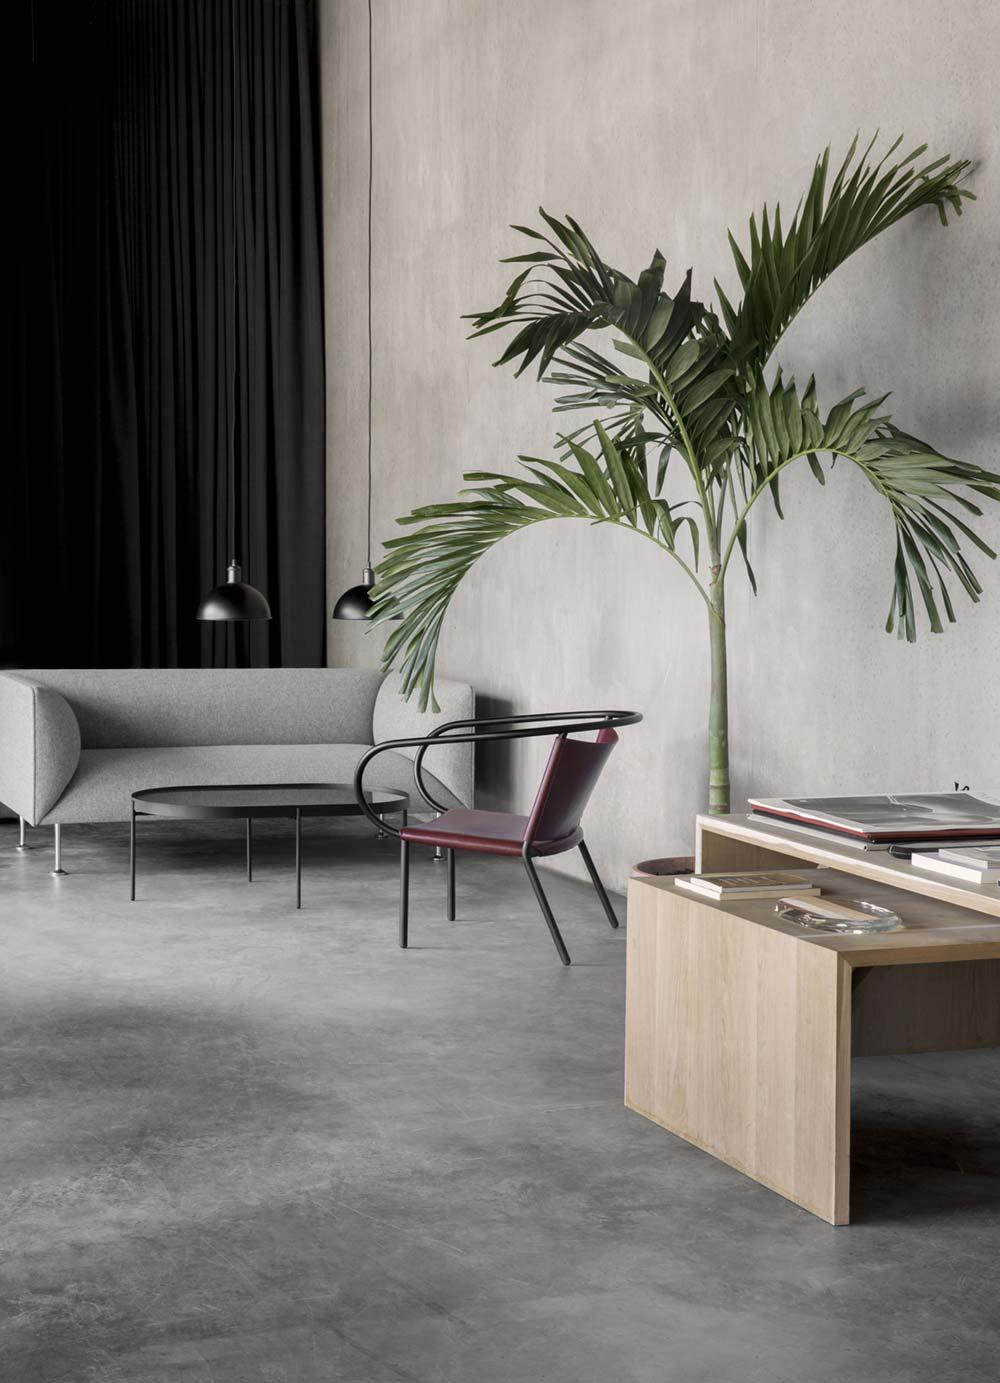 danish design menu showroom 2 - Menu Space Showroom